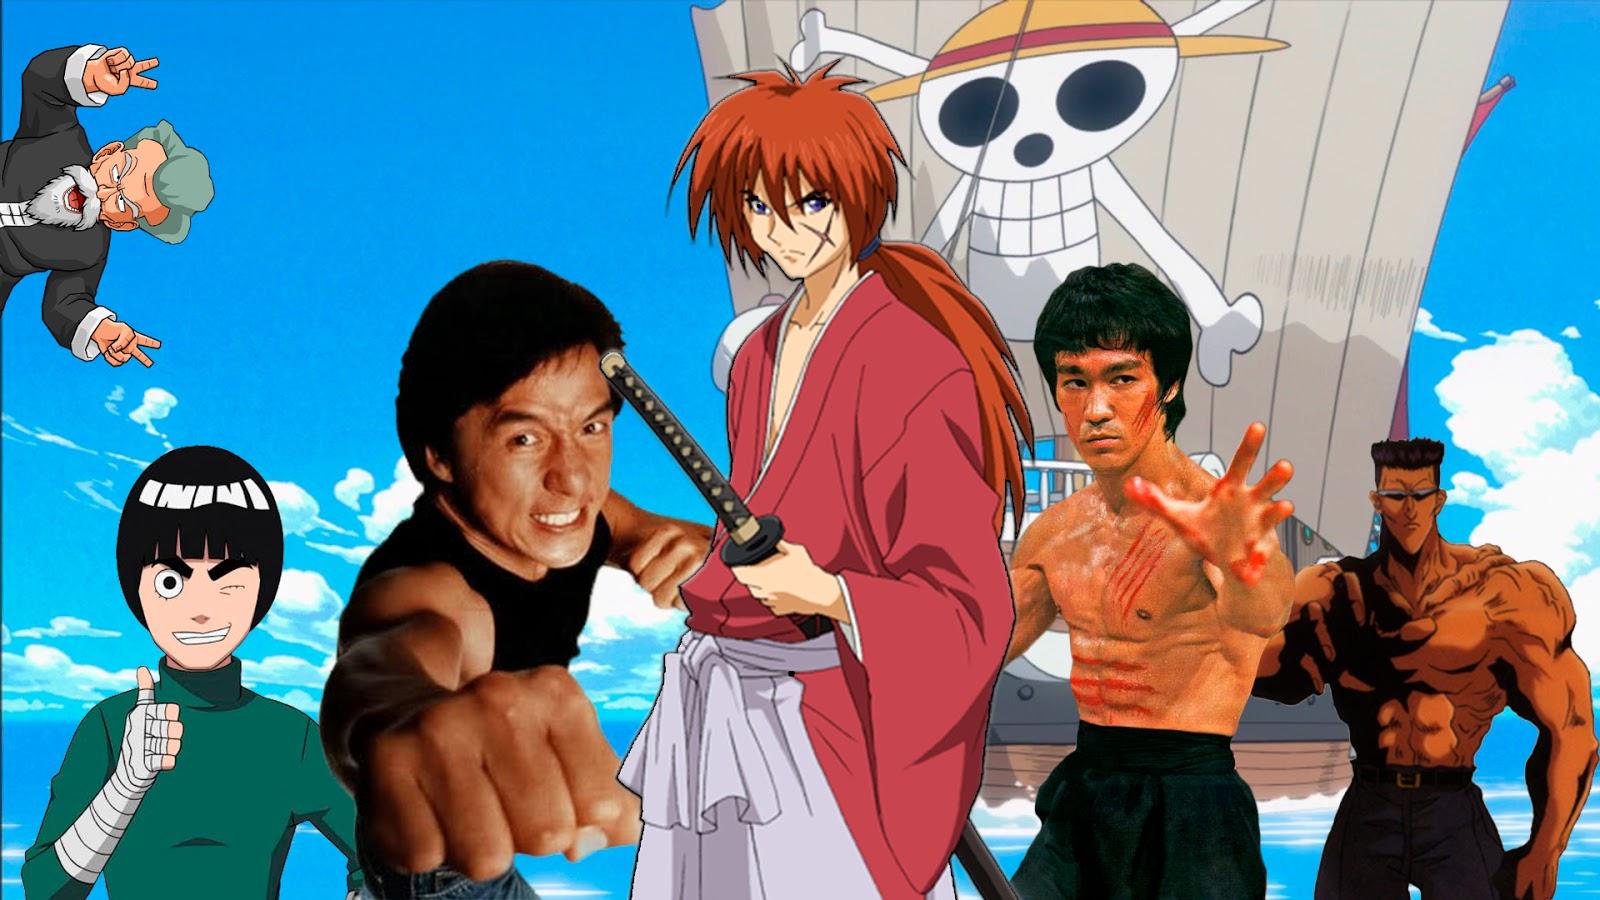 Personagens de Anime inspirados em pessoas reais